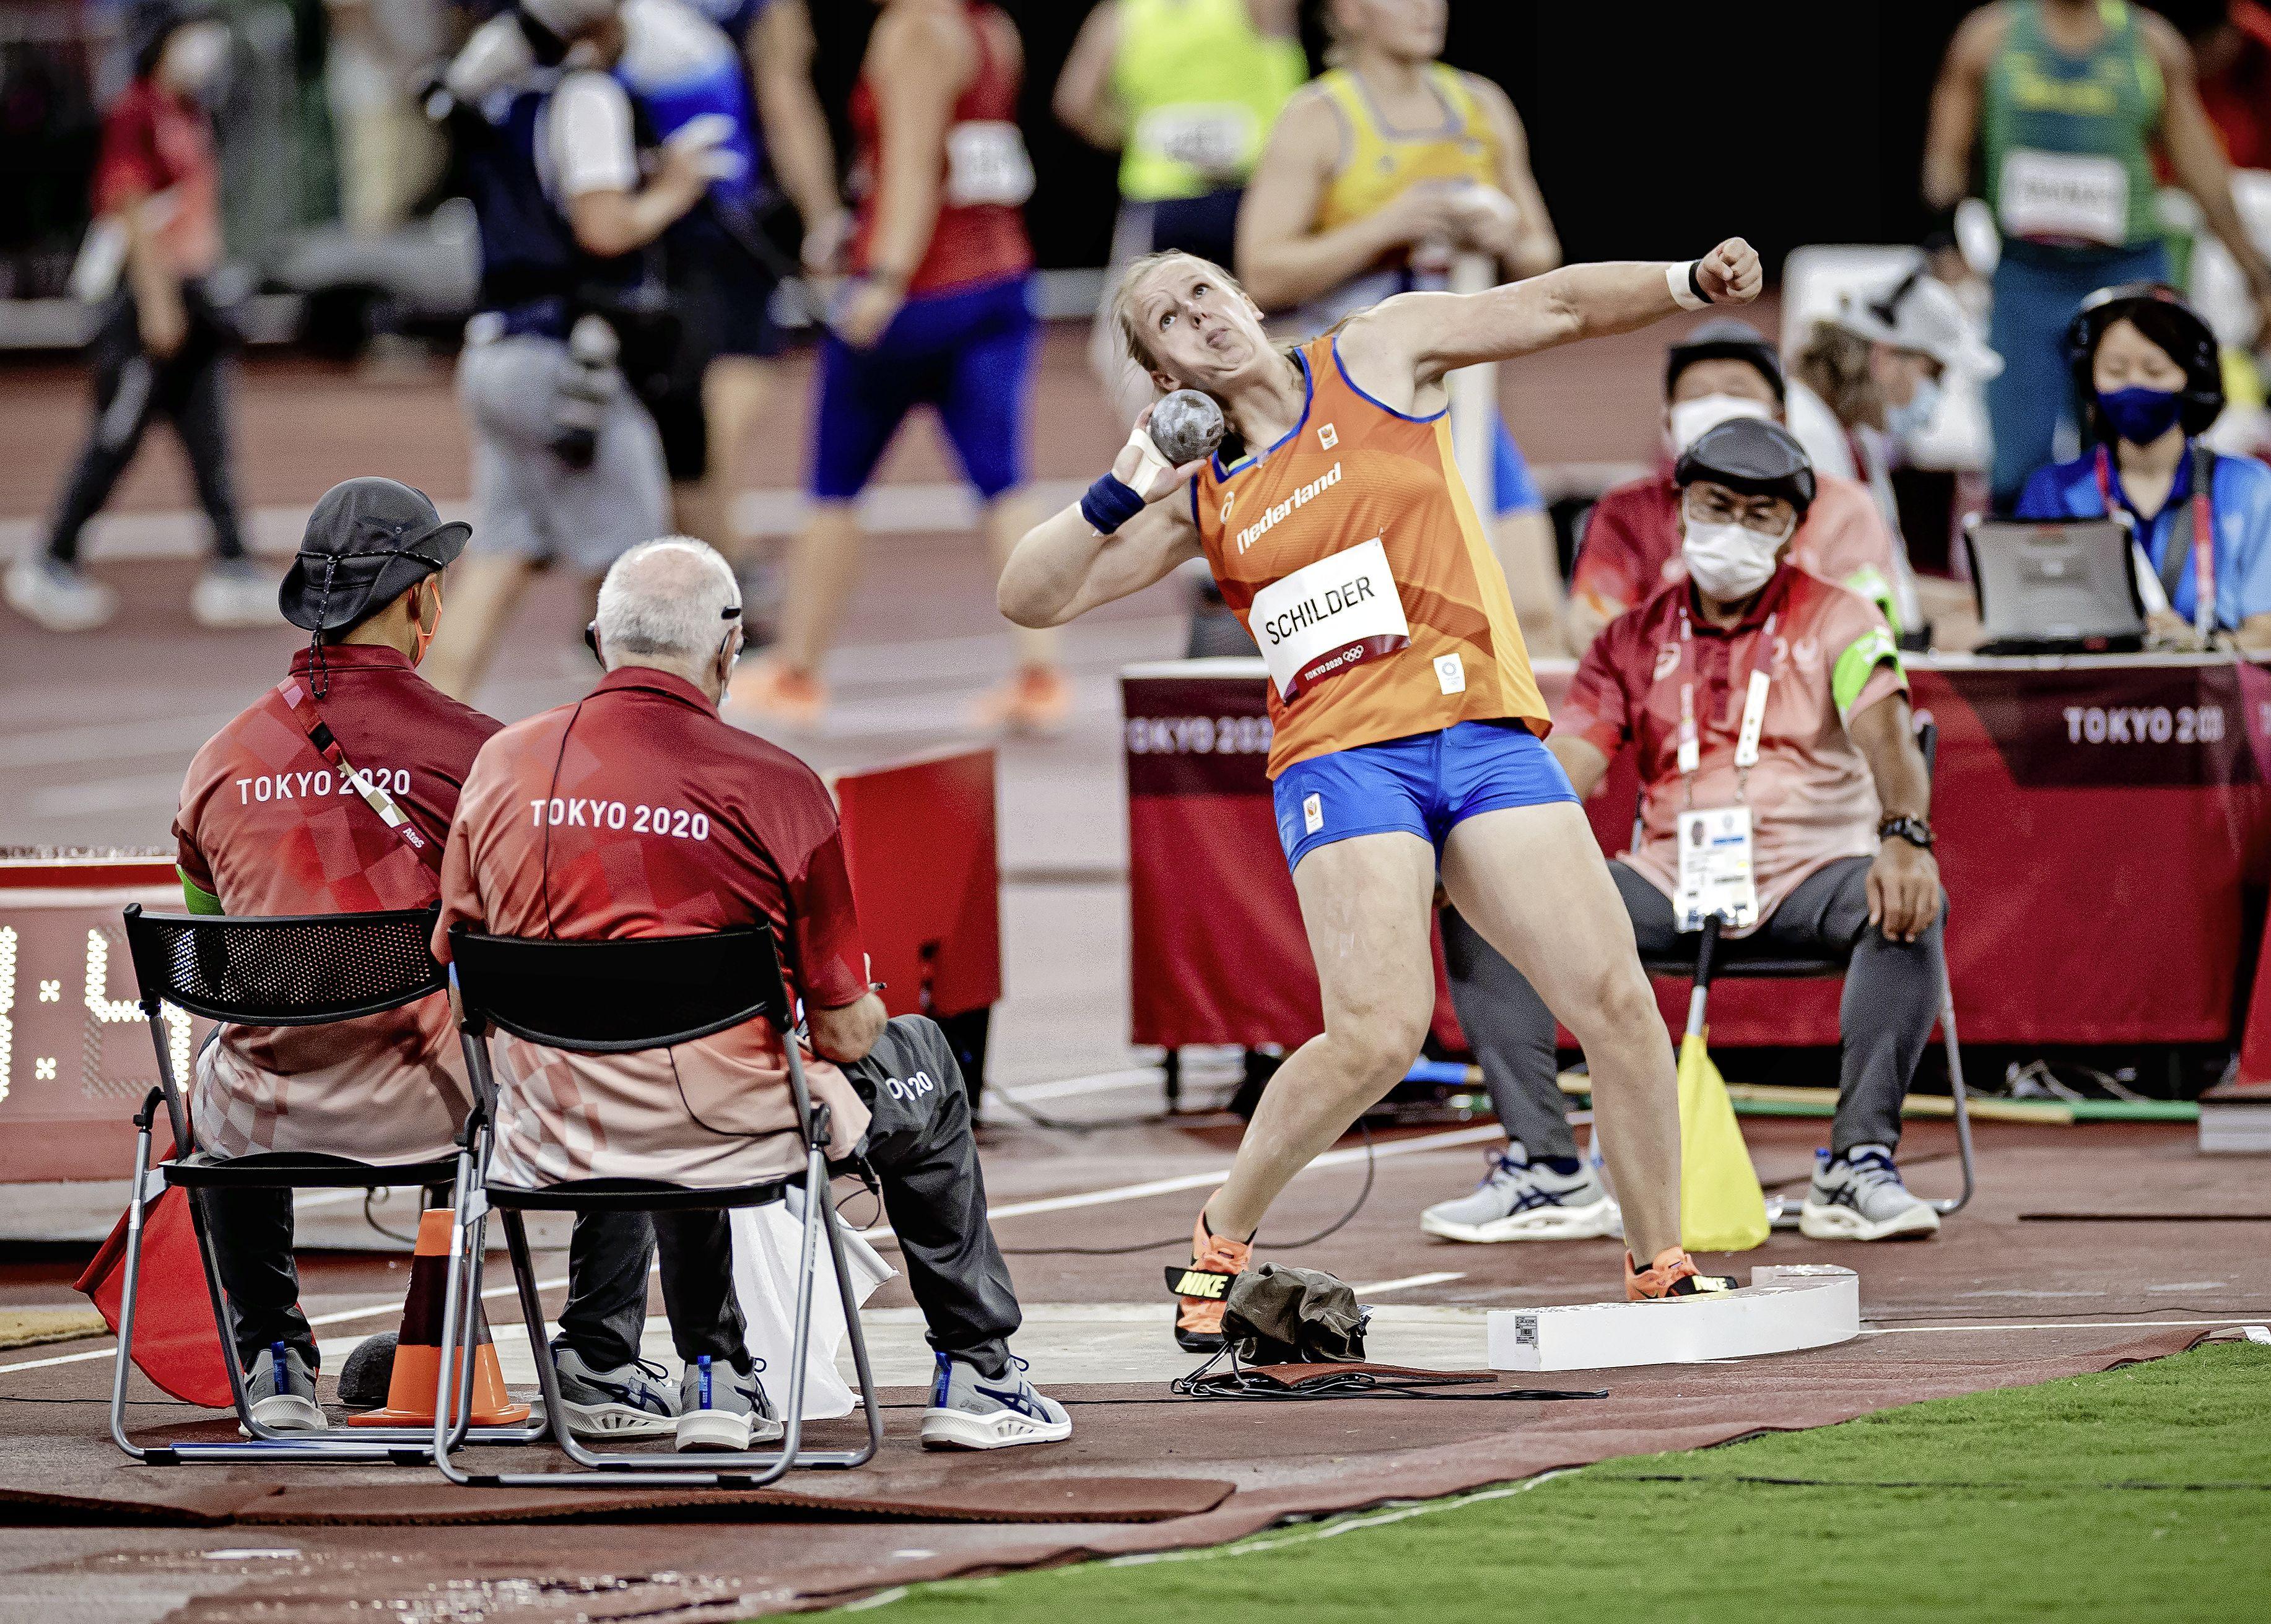 Kogelstootster Jessica Schilder weet niet tot olympische finale door te dringen